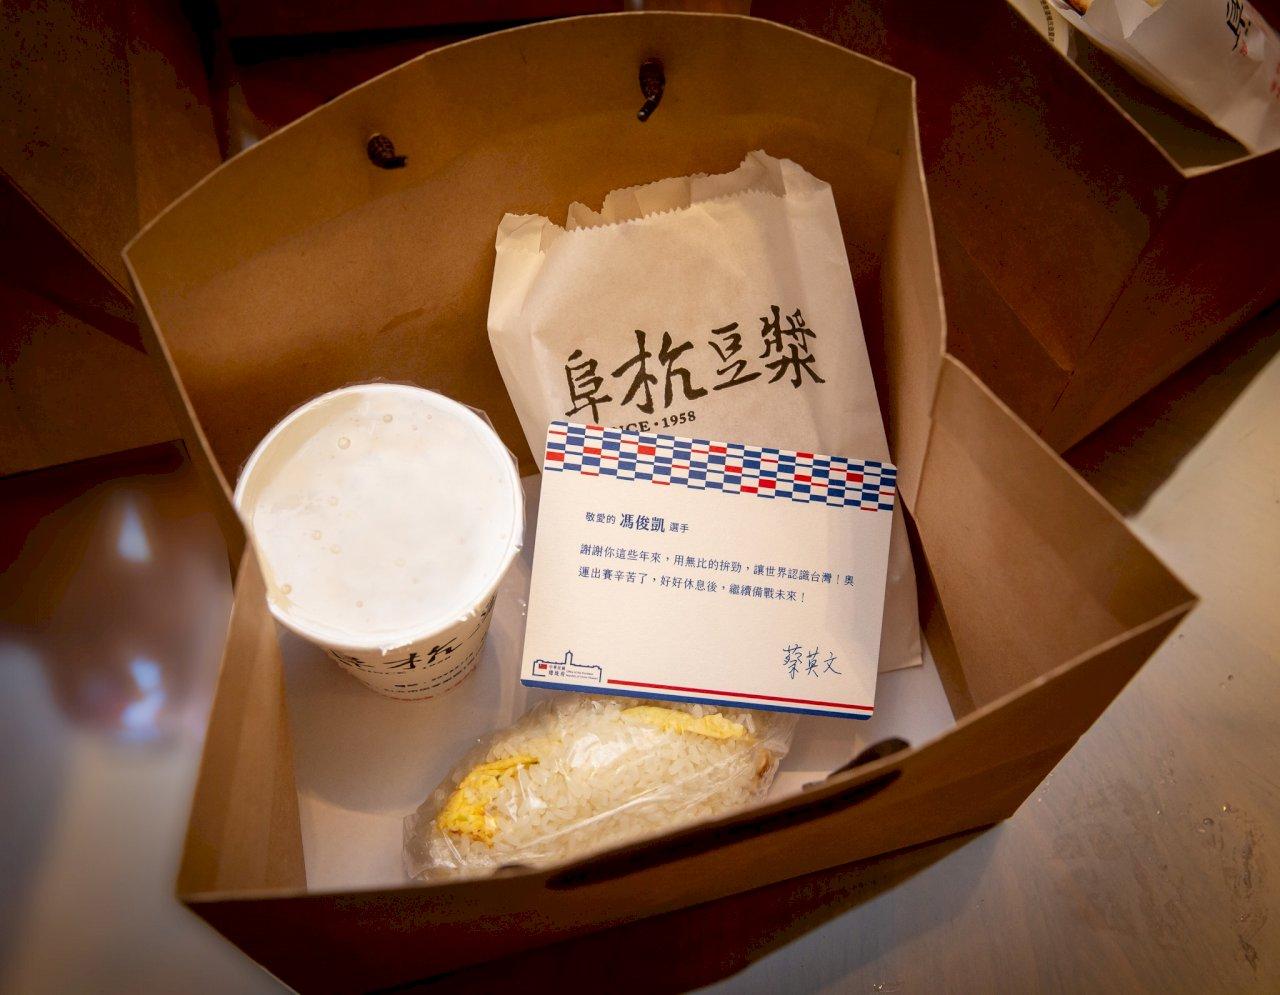 專屬通關歡迎東奧選手回家 總統還準備「限定版早餐」